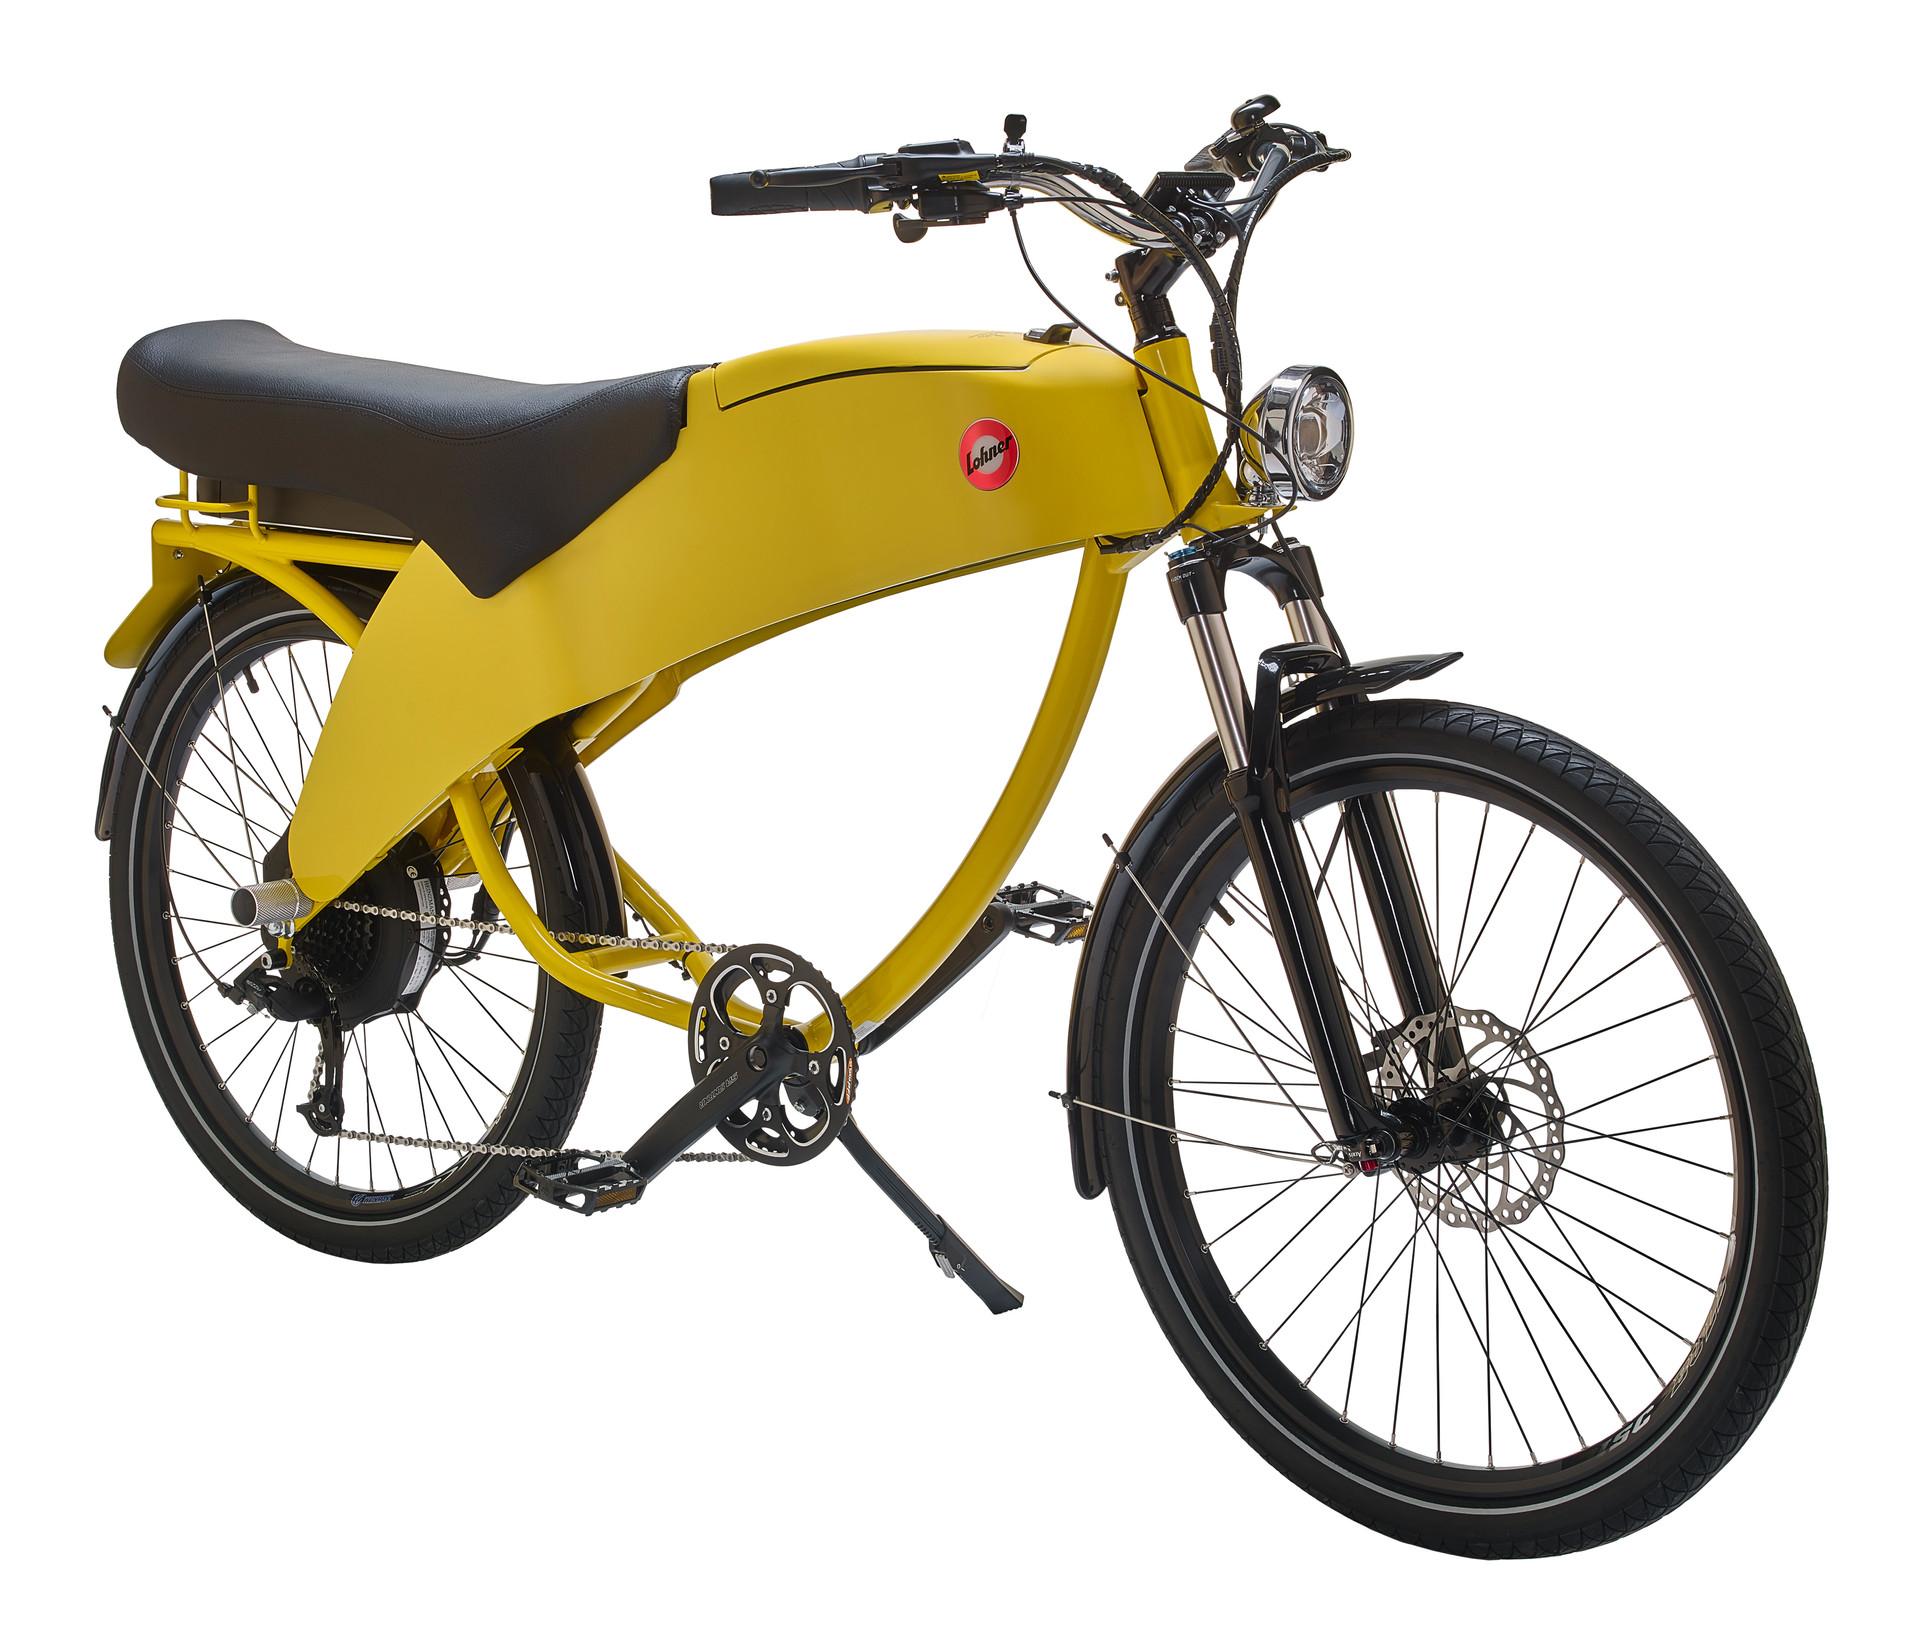 Lohner e-bike